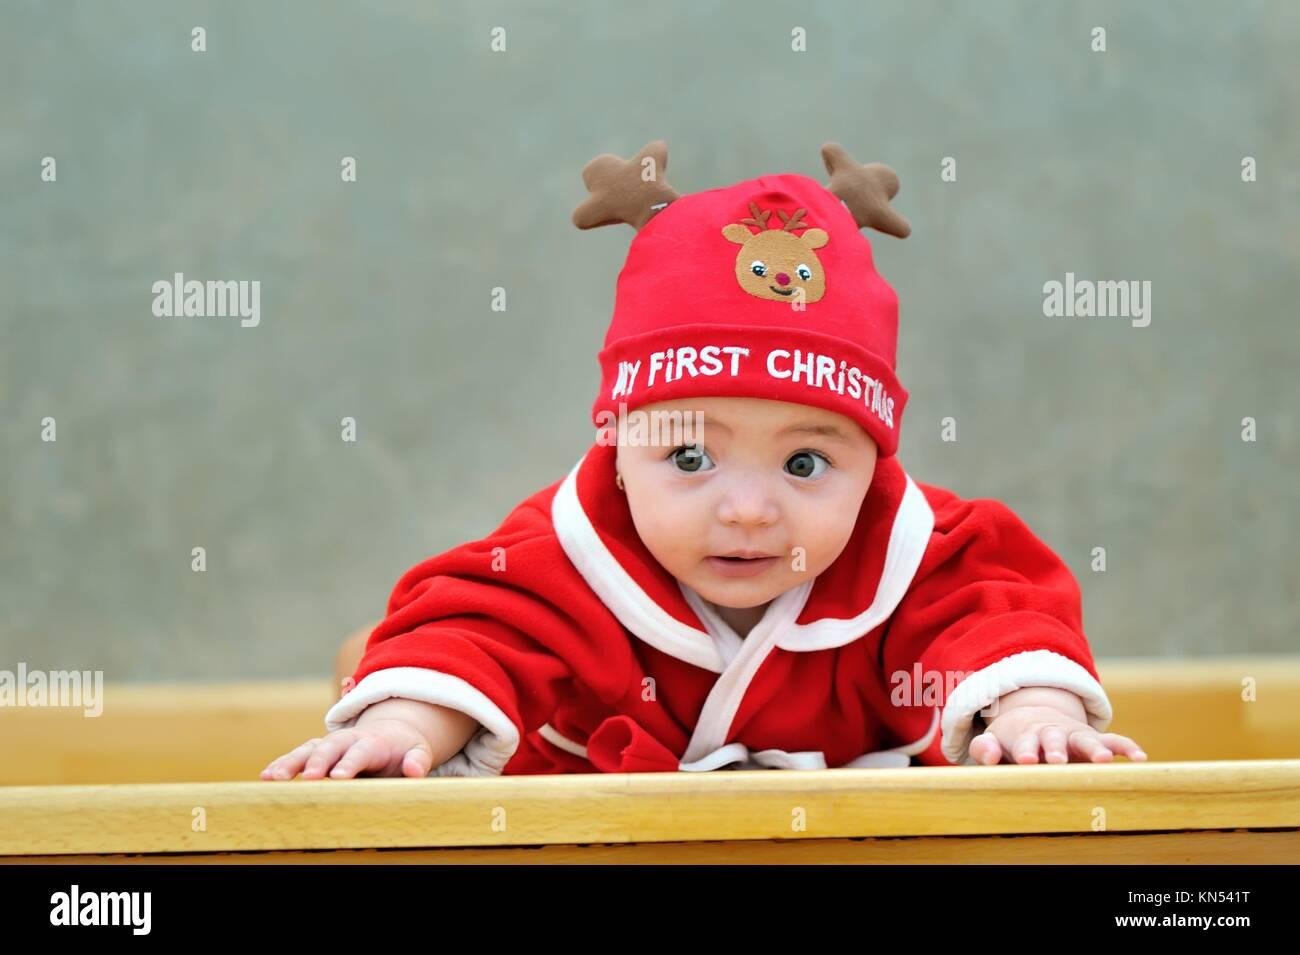 Reindeer Hat Imágenes De Stock   Reindeer Hat Fotos De Stock - Alamy a9d1459ccc8